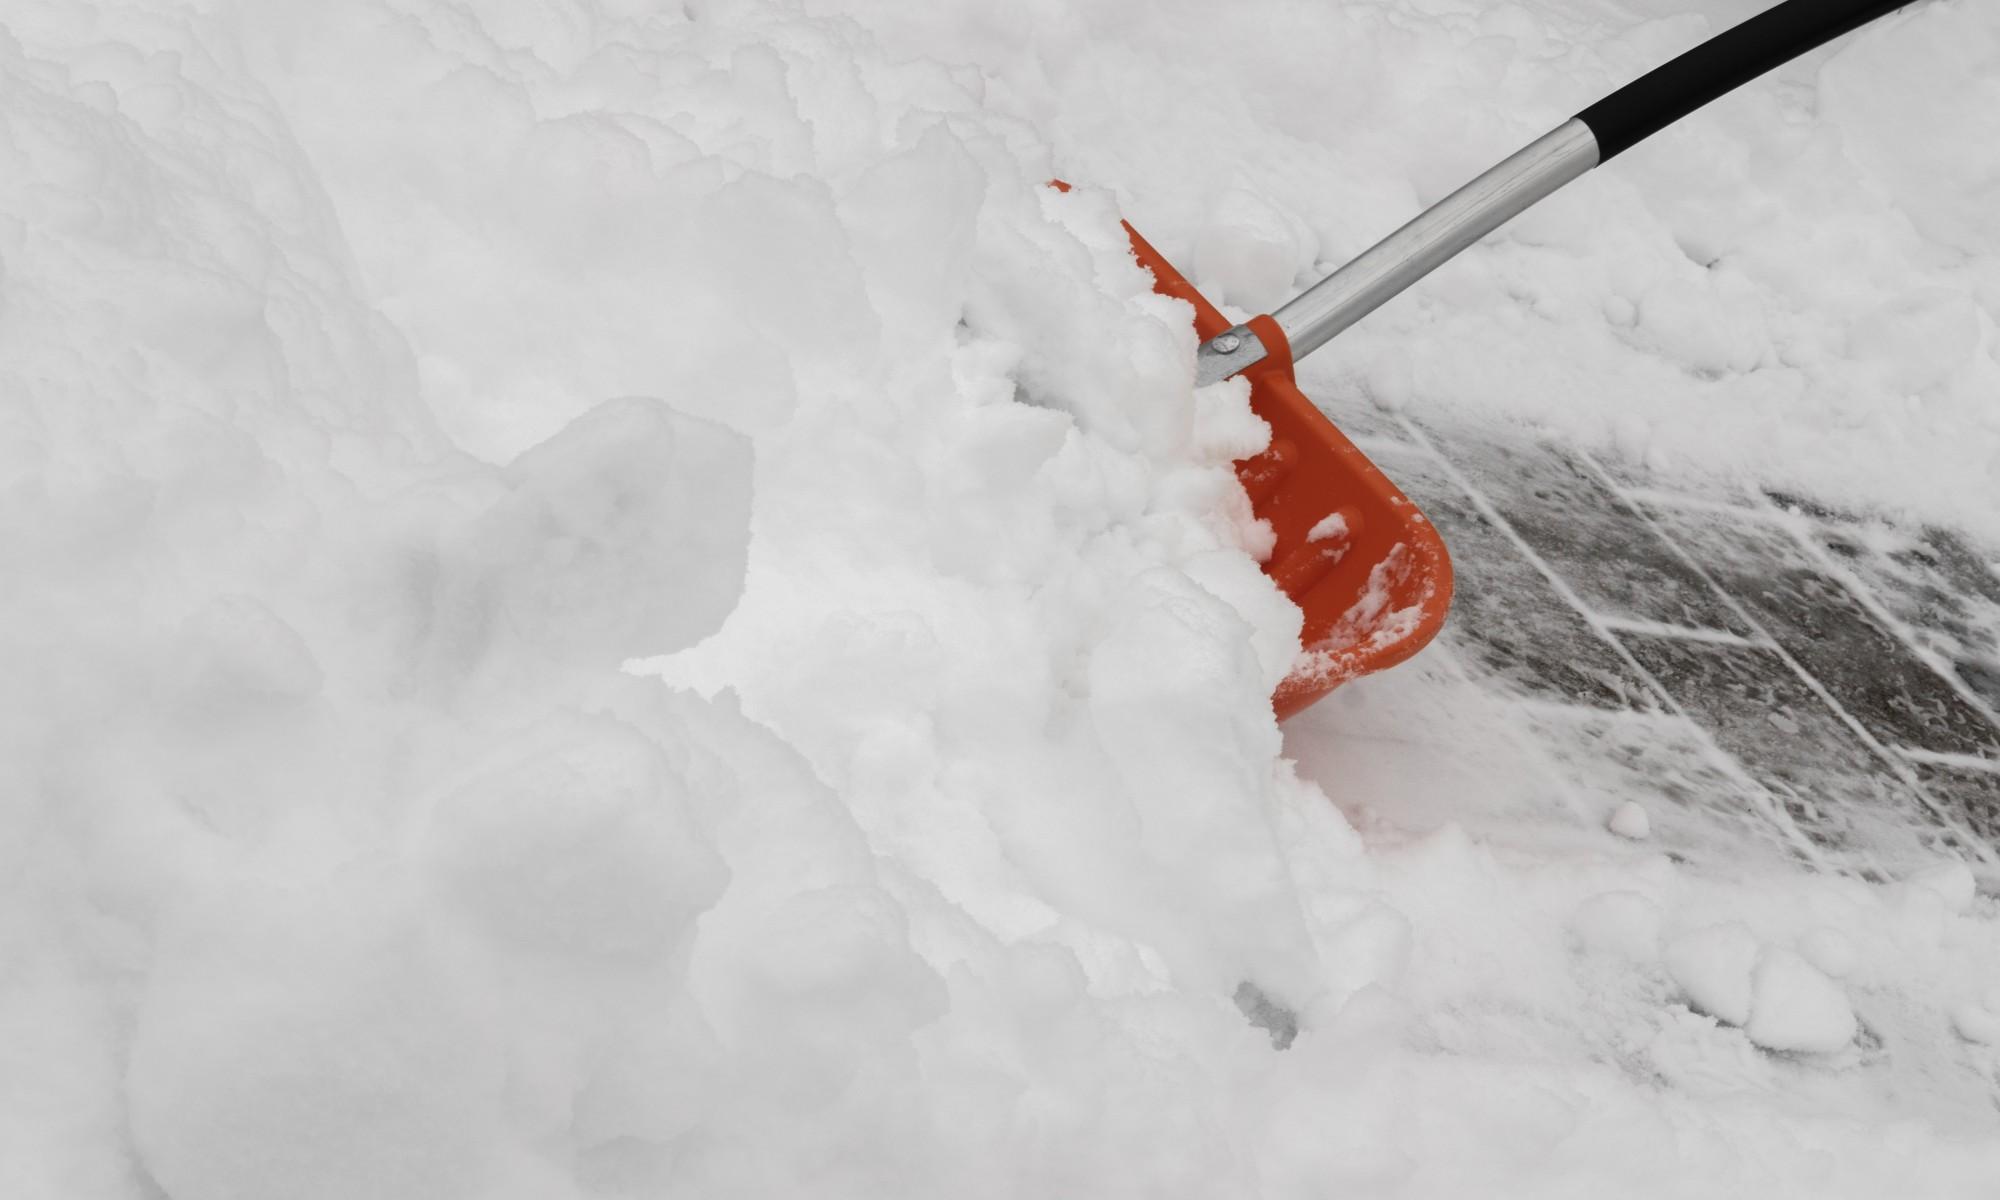 Winter Schnee Winterdienst Schneeschüppen